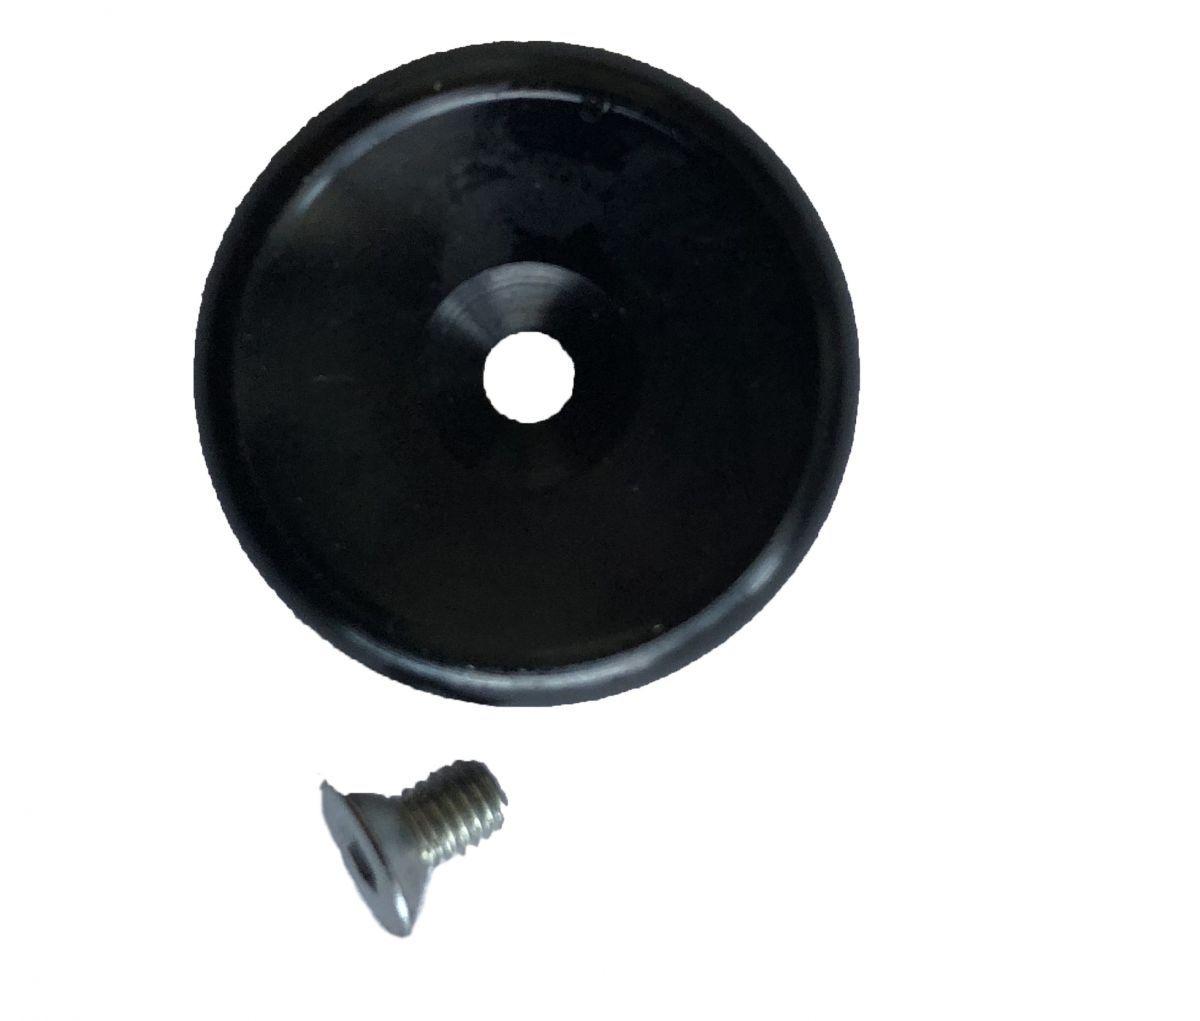 ibix zwarte knop met schroef tbv pistool